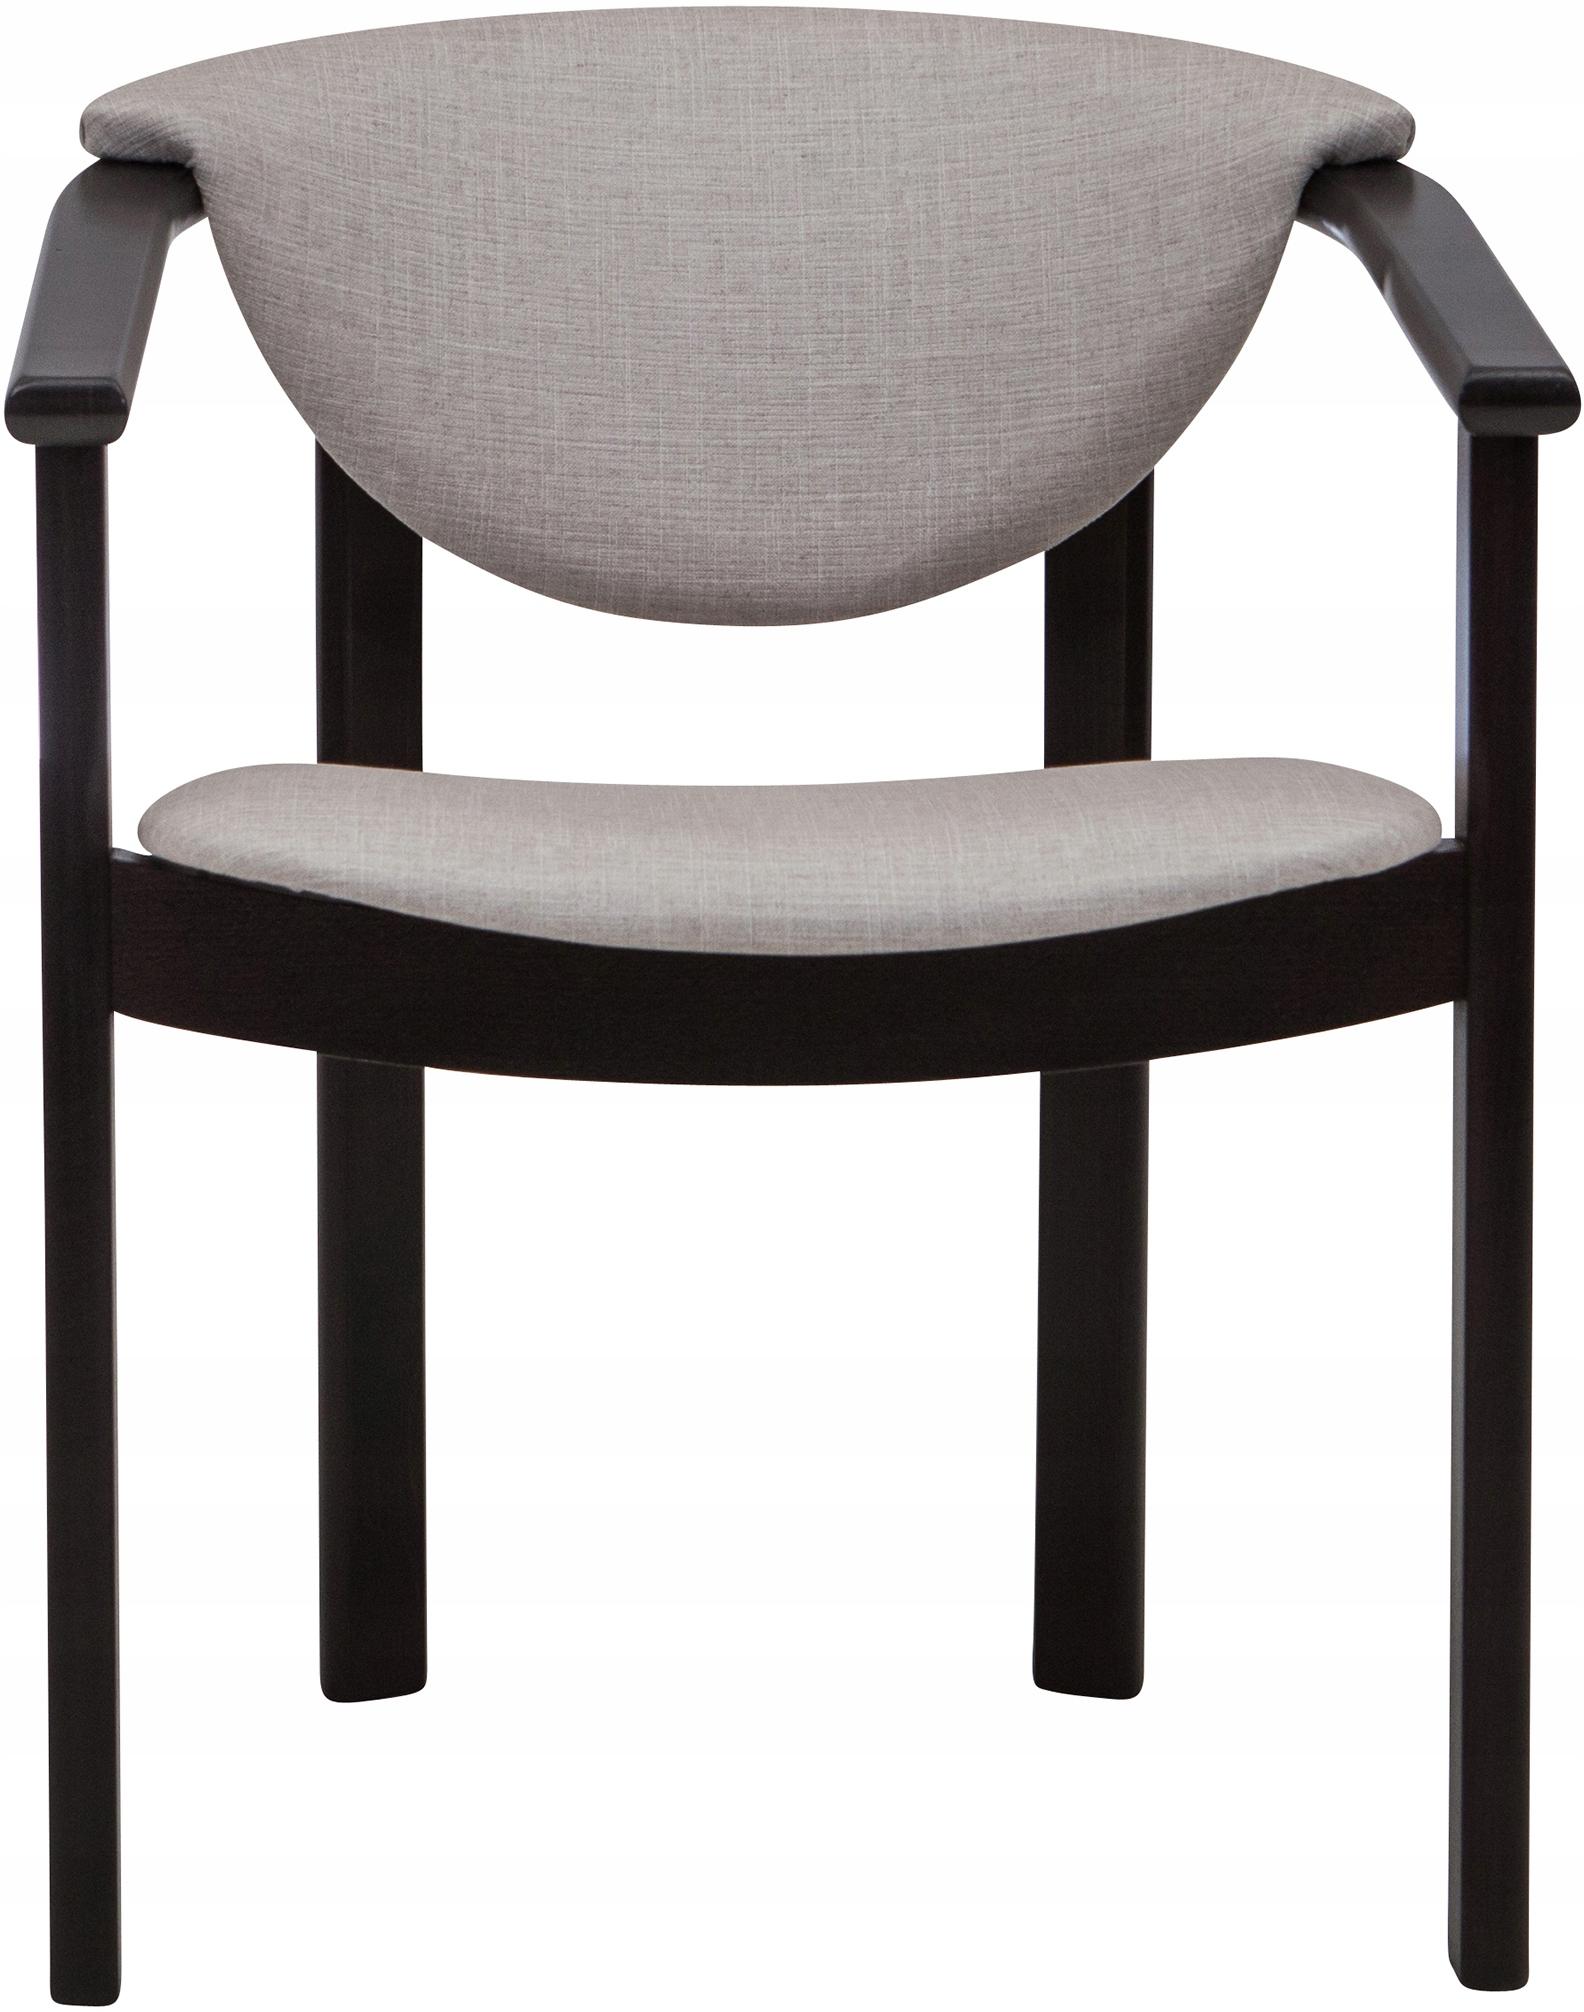 Podkrovná retro drevená stolička s lakťovou opierkou